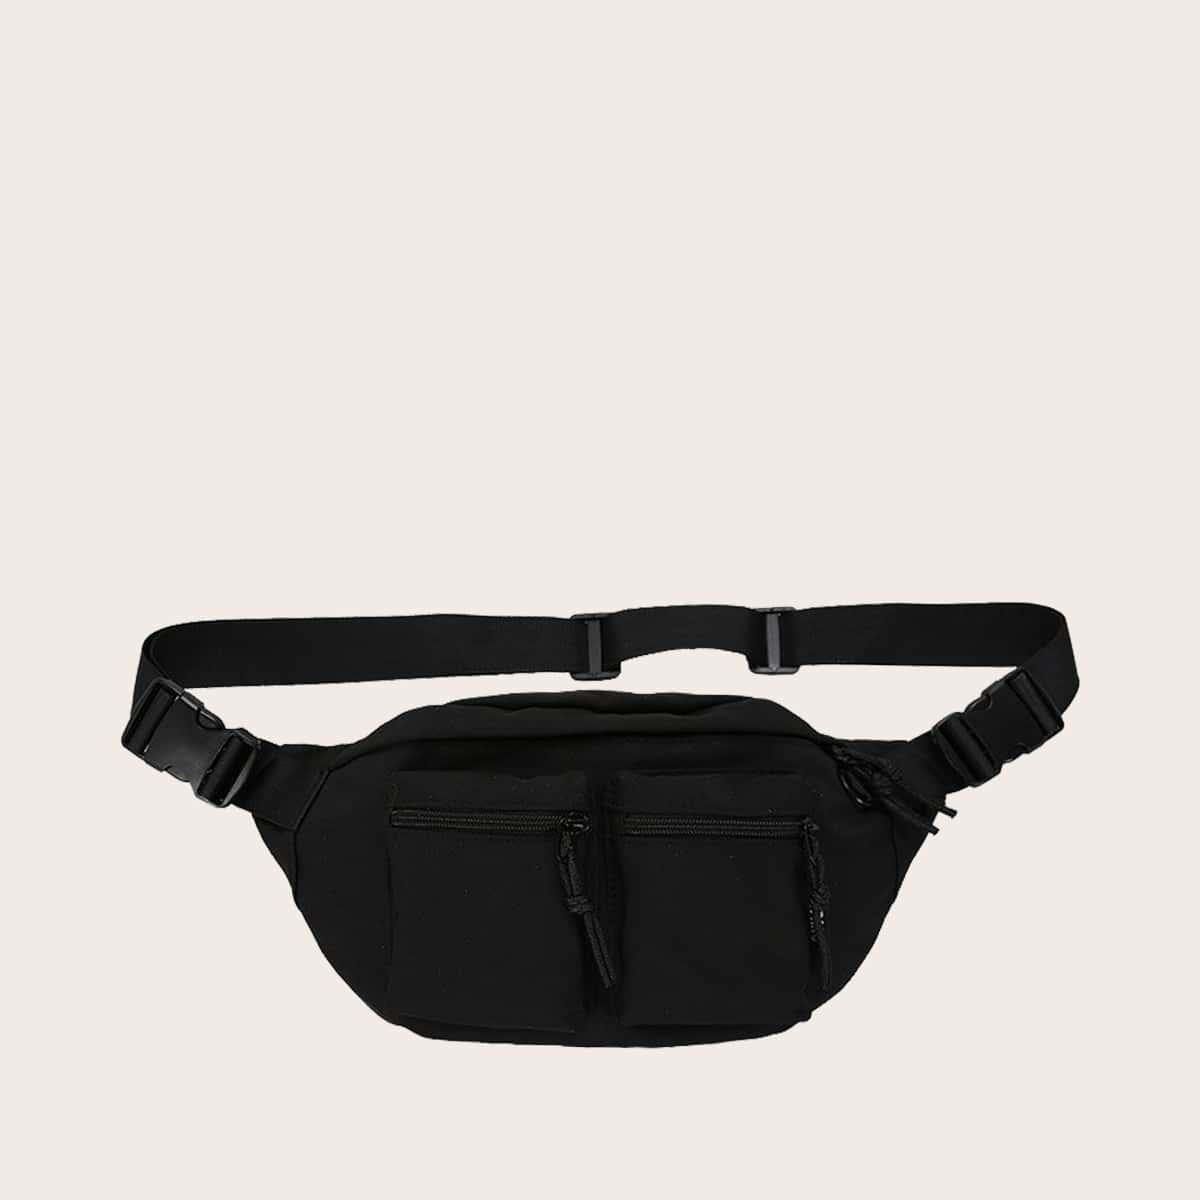 SHEIN Heuptasje voor heren met zak aan de voorkant